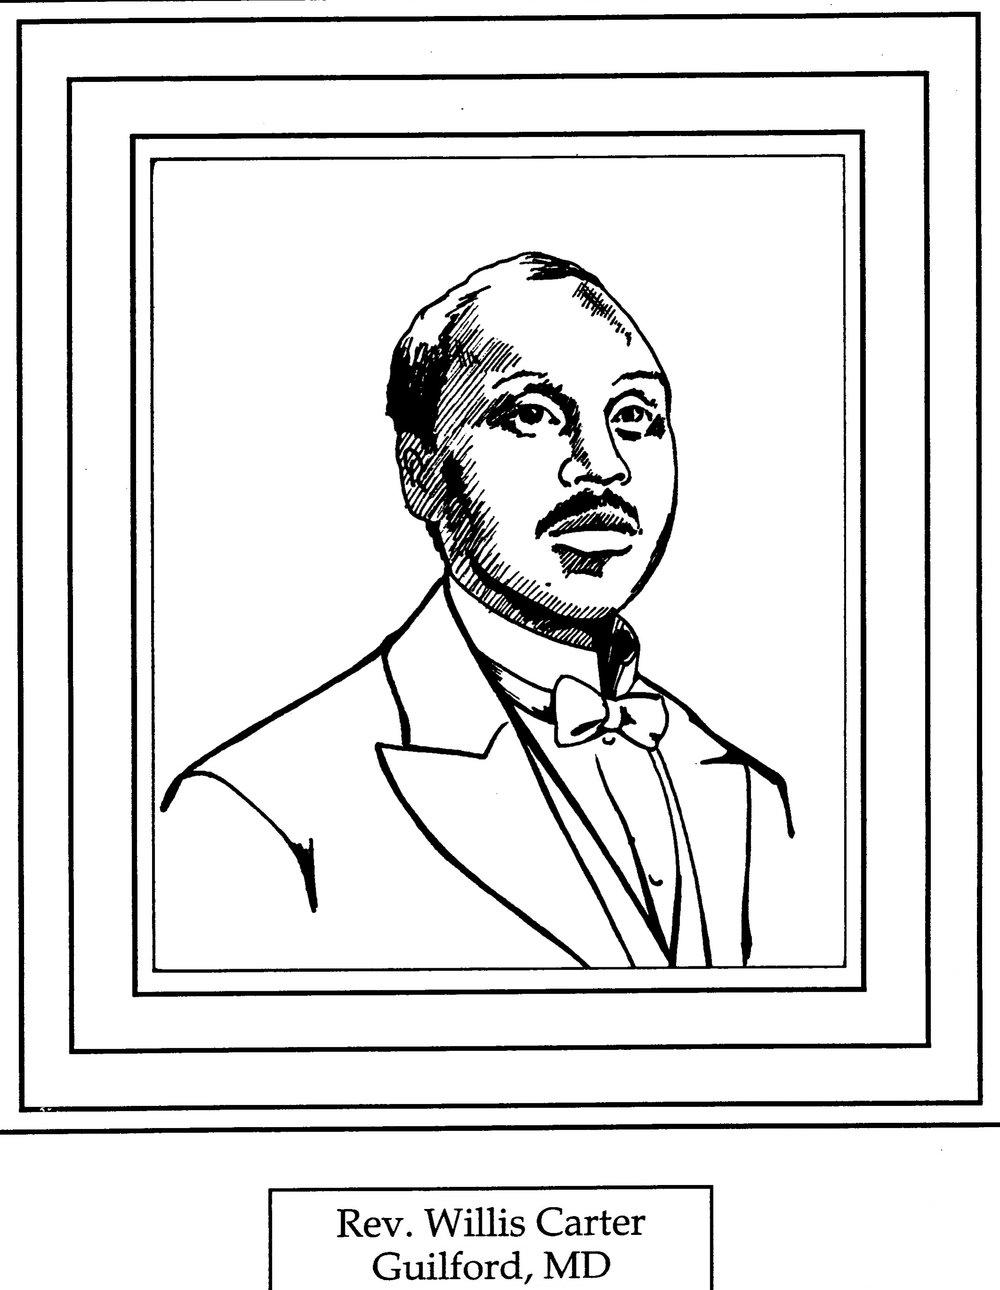 Rev. Willis Carter